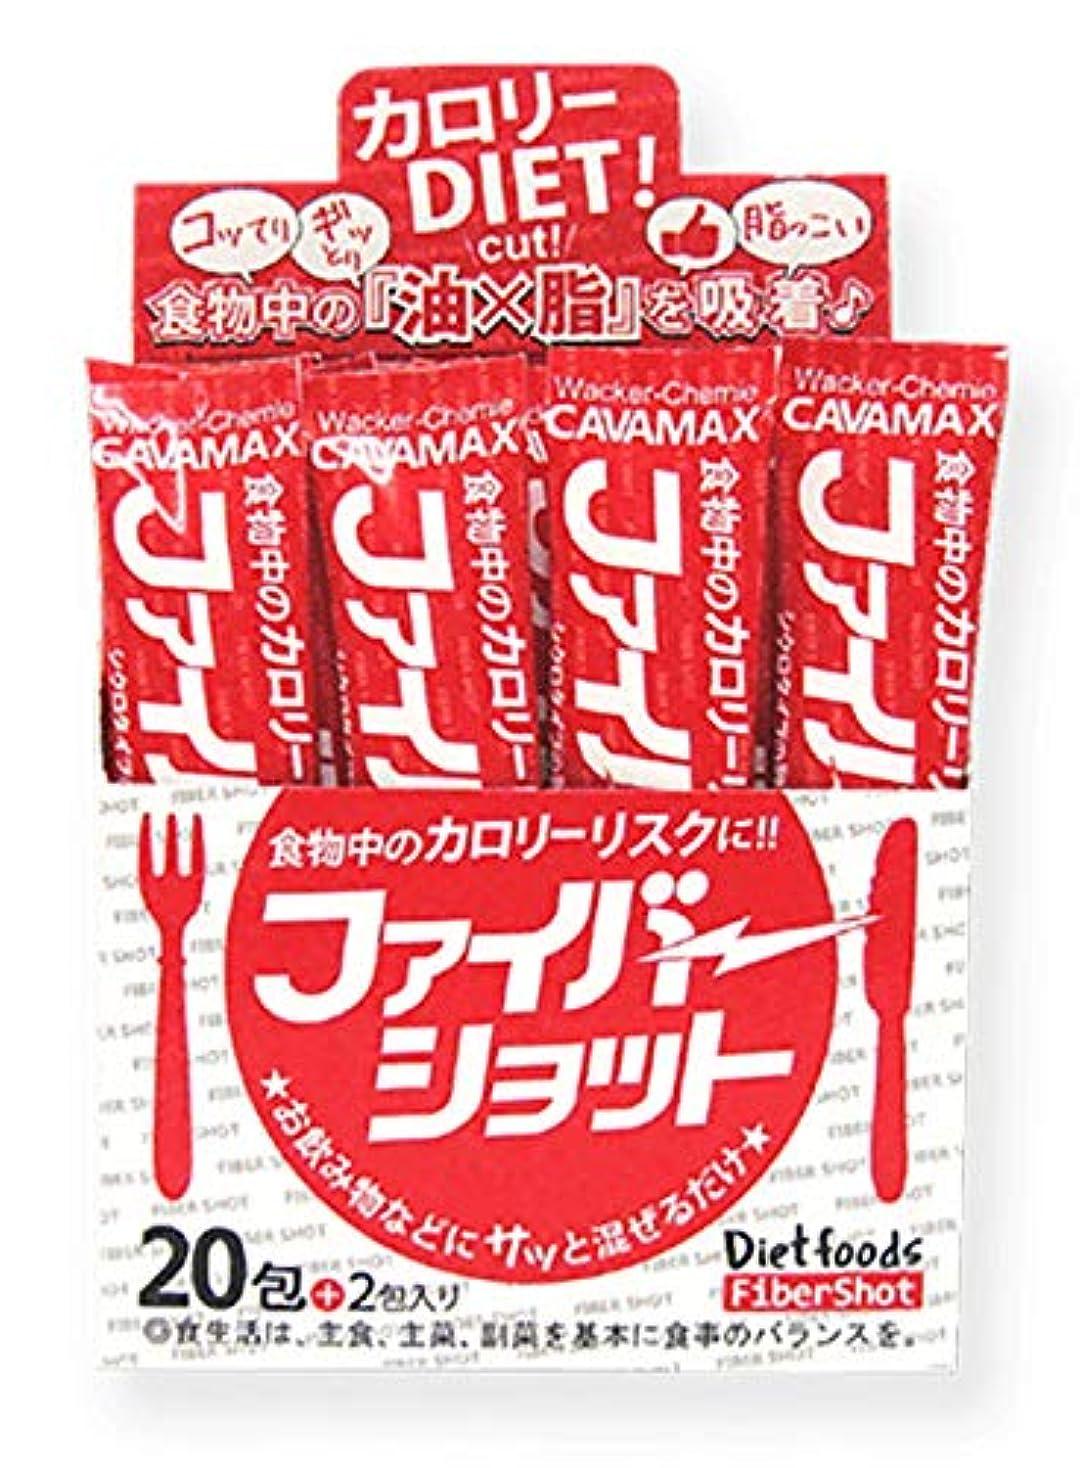 ファイバーショット (5g×22包) αシクロデキストリン 難消化性デキストリン 食物繊維 粉末